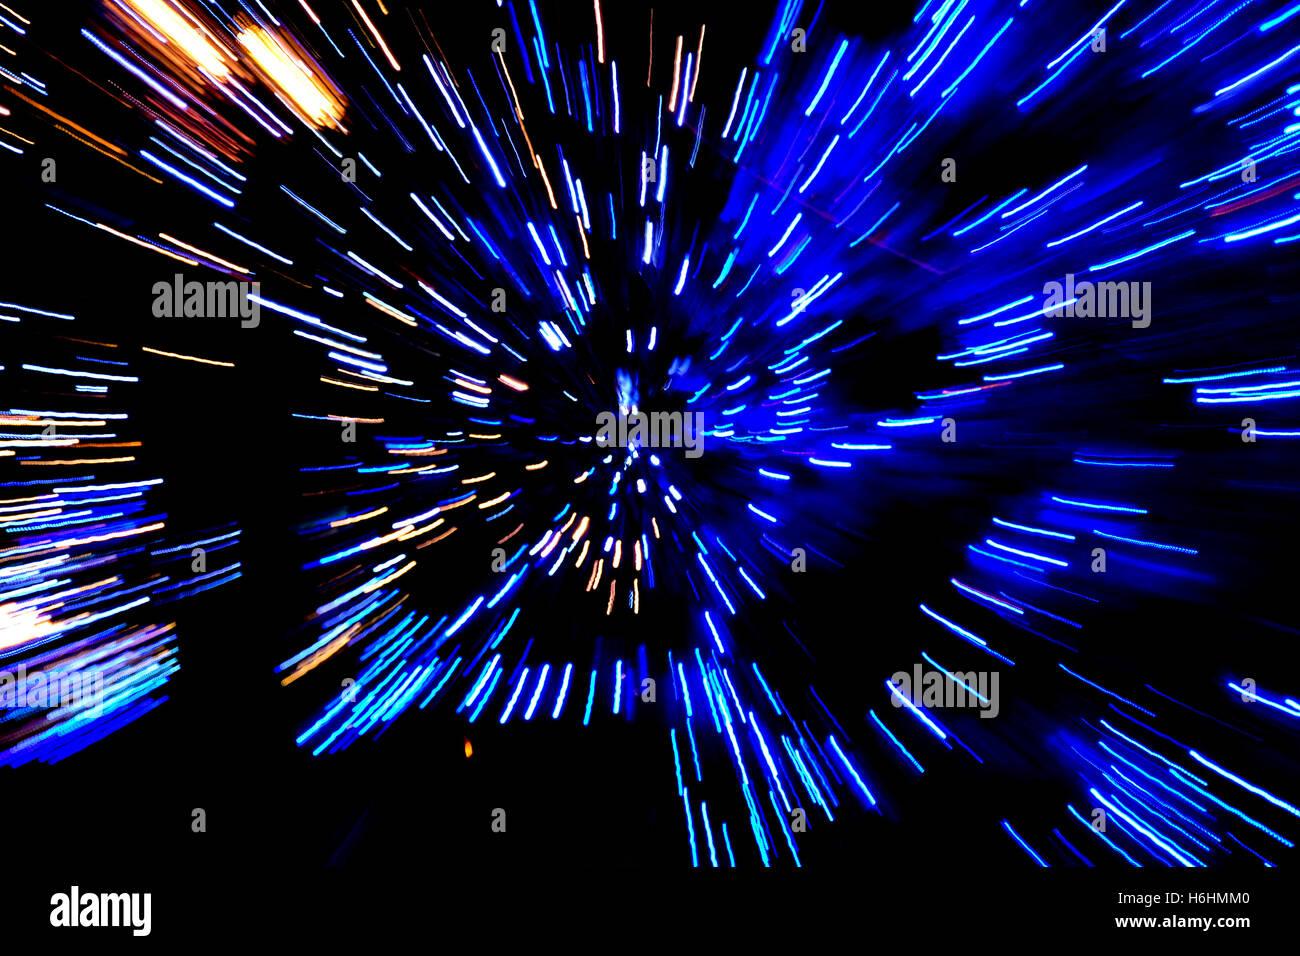 Velocità astratta sfondo tecnologico. Spazio di viaggio Immagini Stock